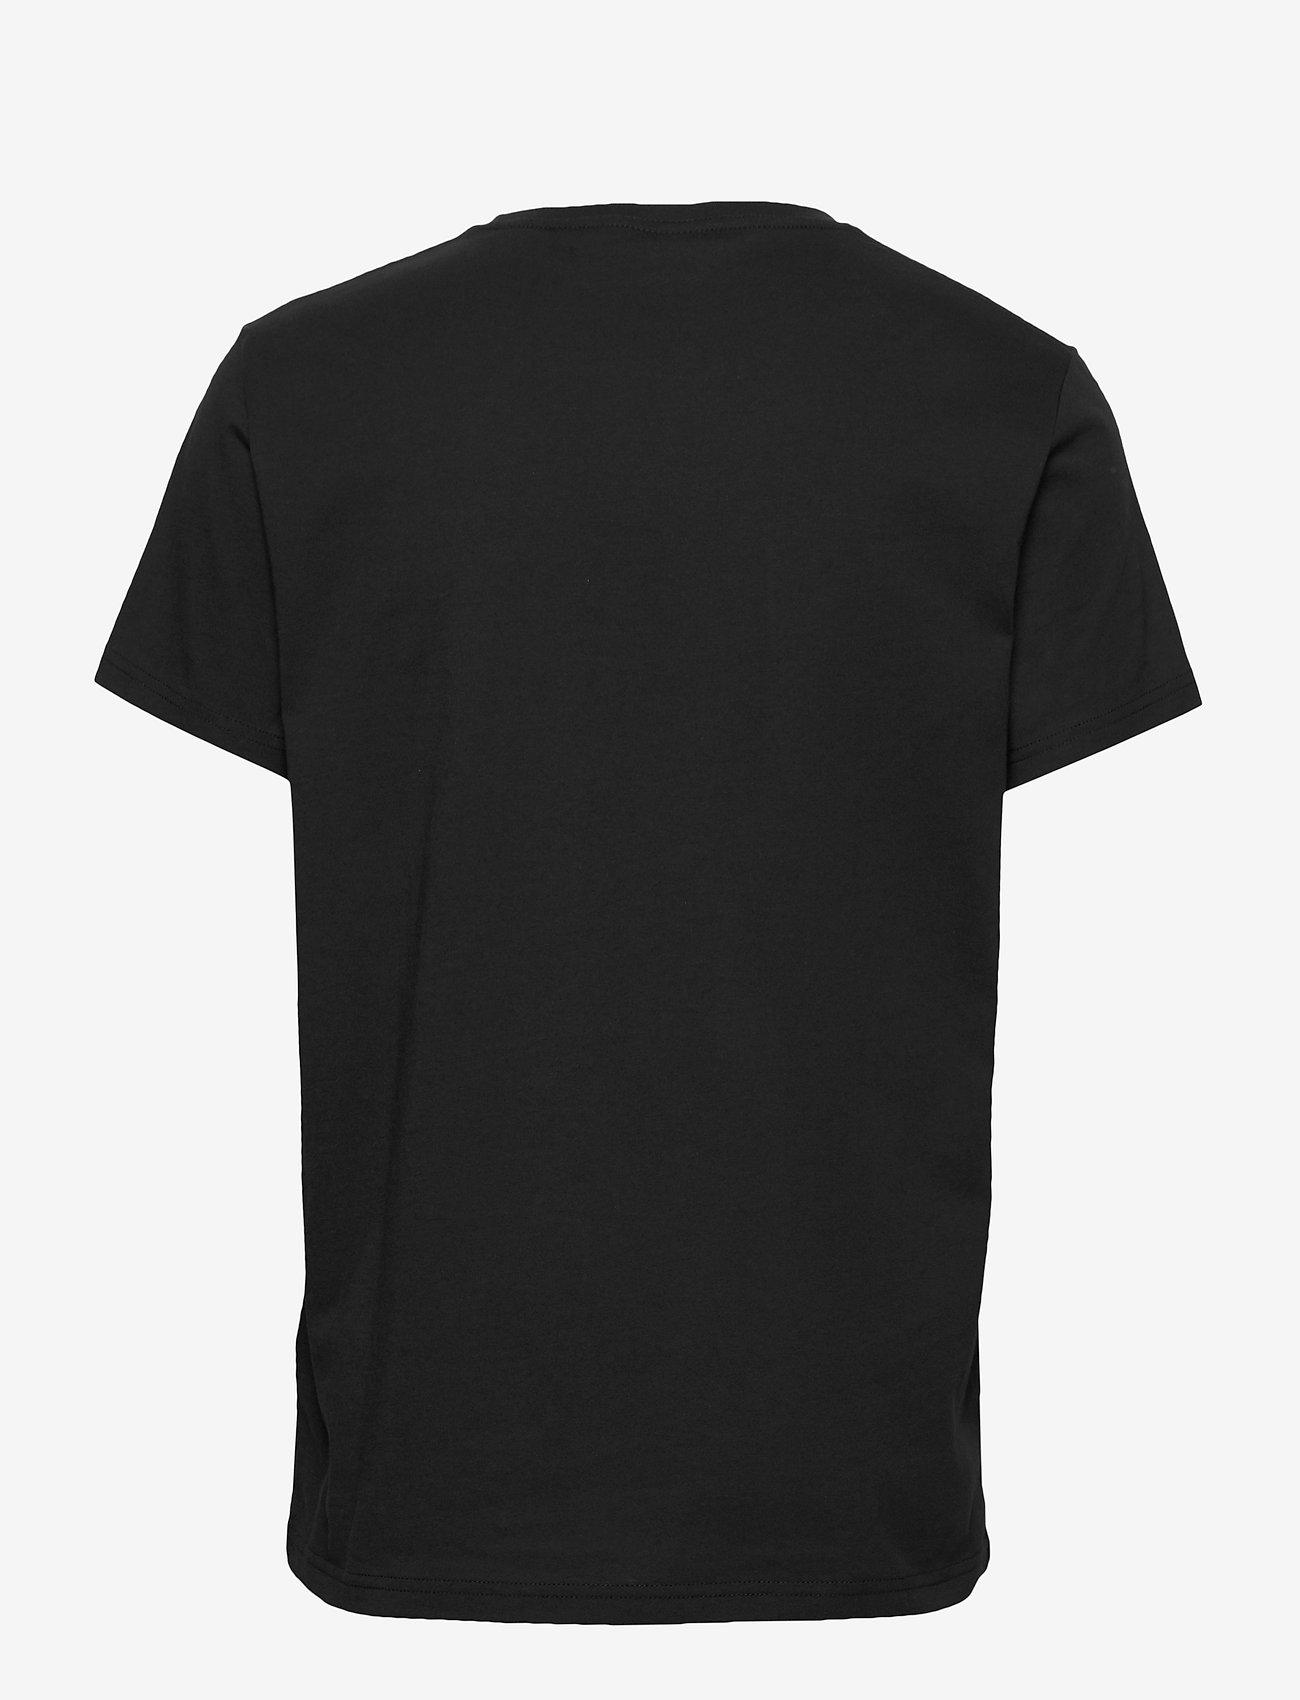 GANT - D1. MEDIUM SHIELD SS T-SHIRT - basic t-shirts - black - 1